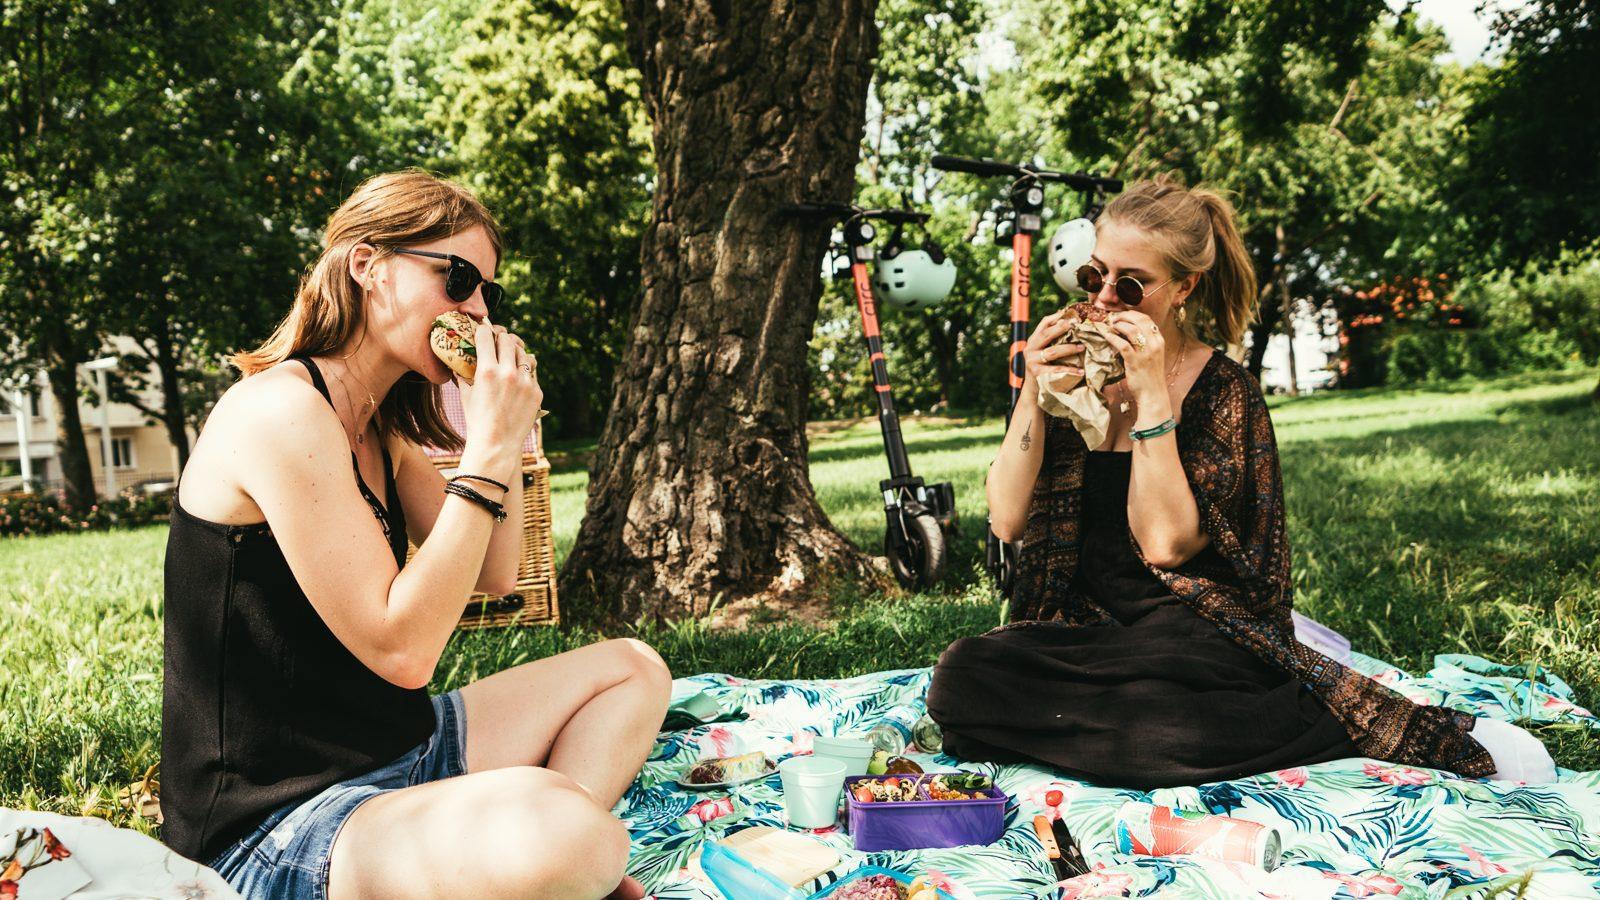 Zwei Frauen auf einer Picknickdecke im Park die ineinen Bagel beißen